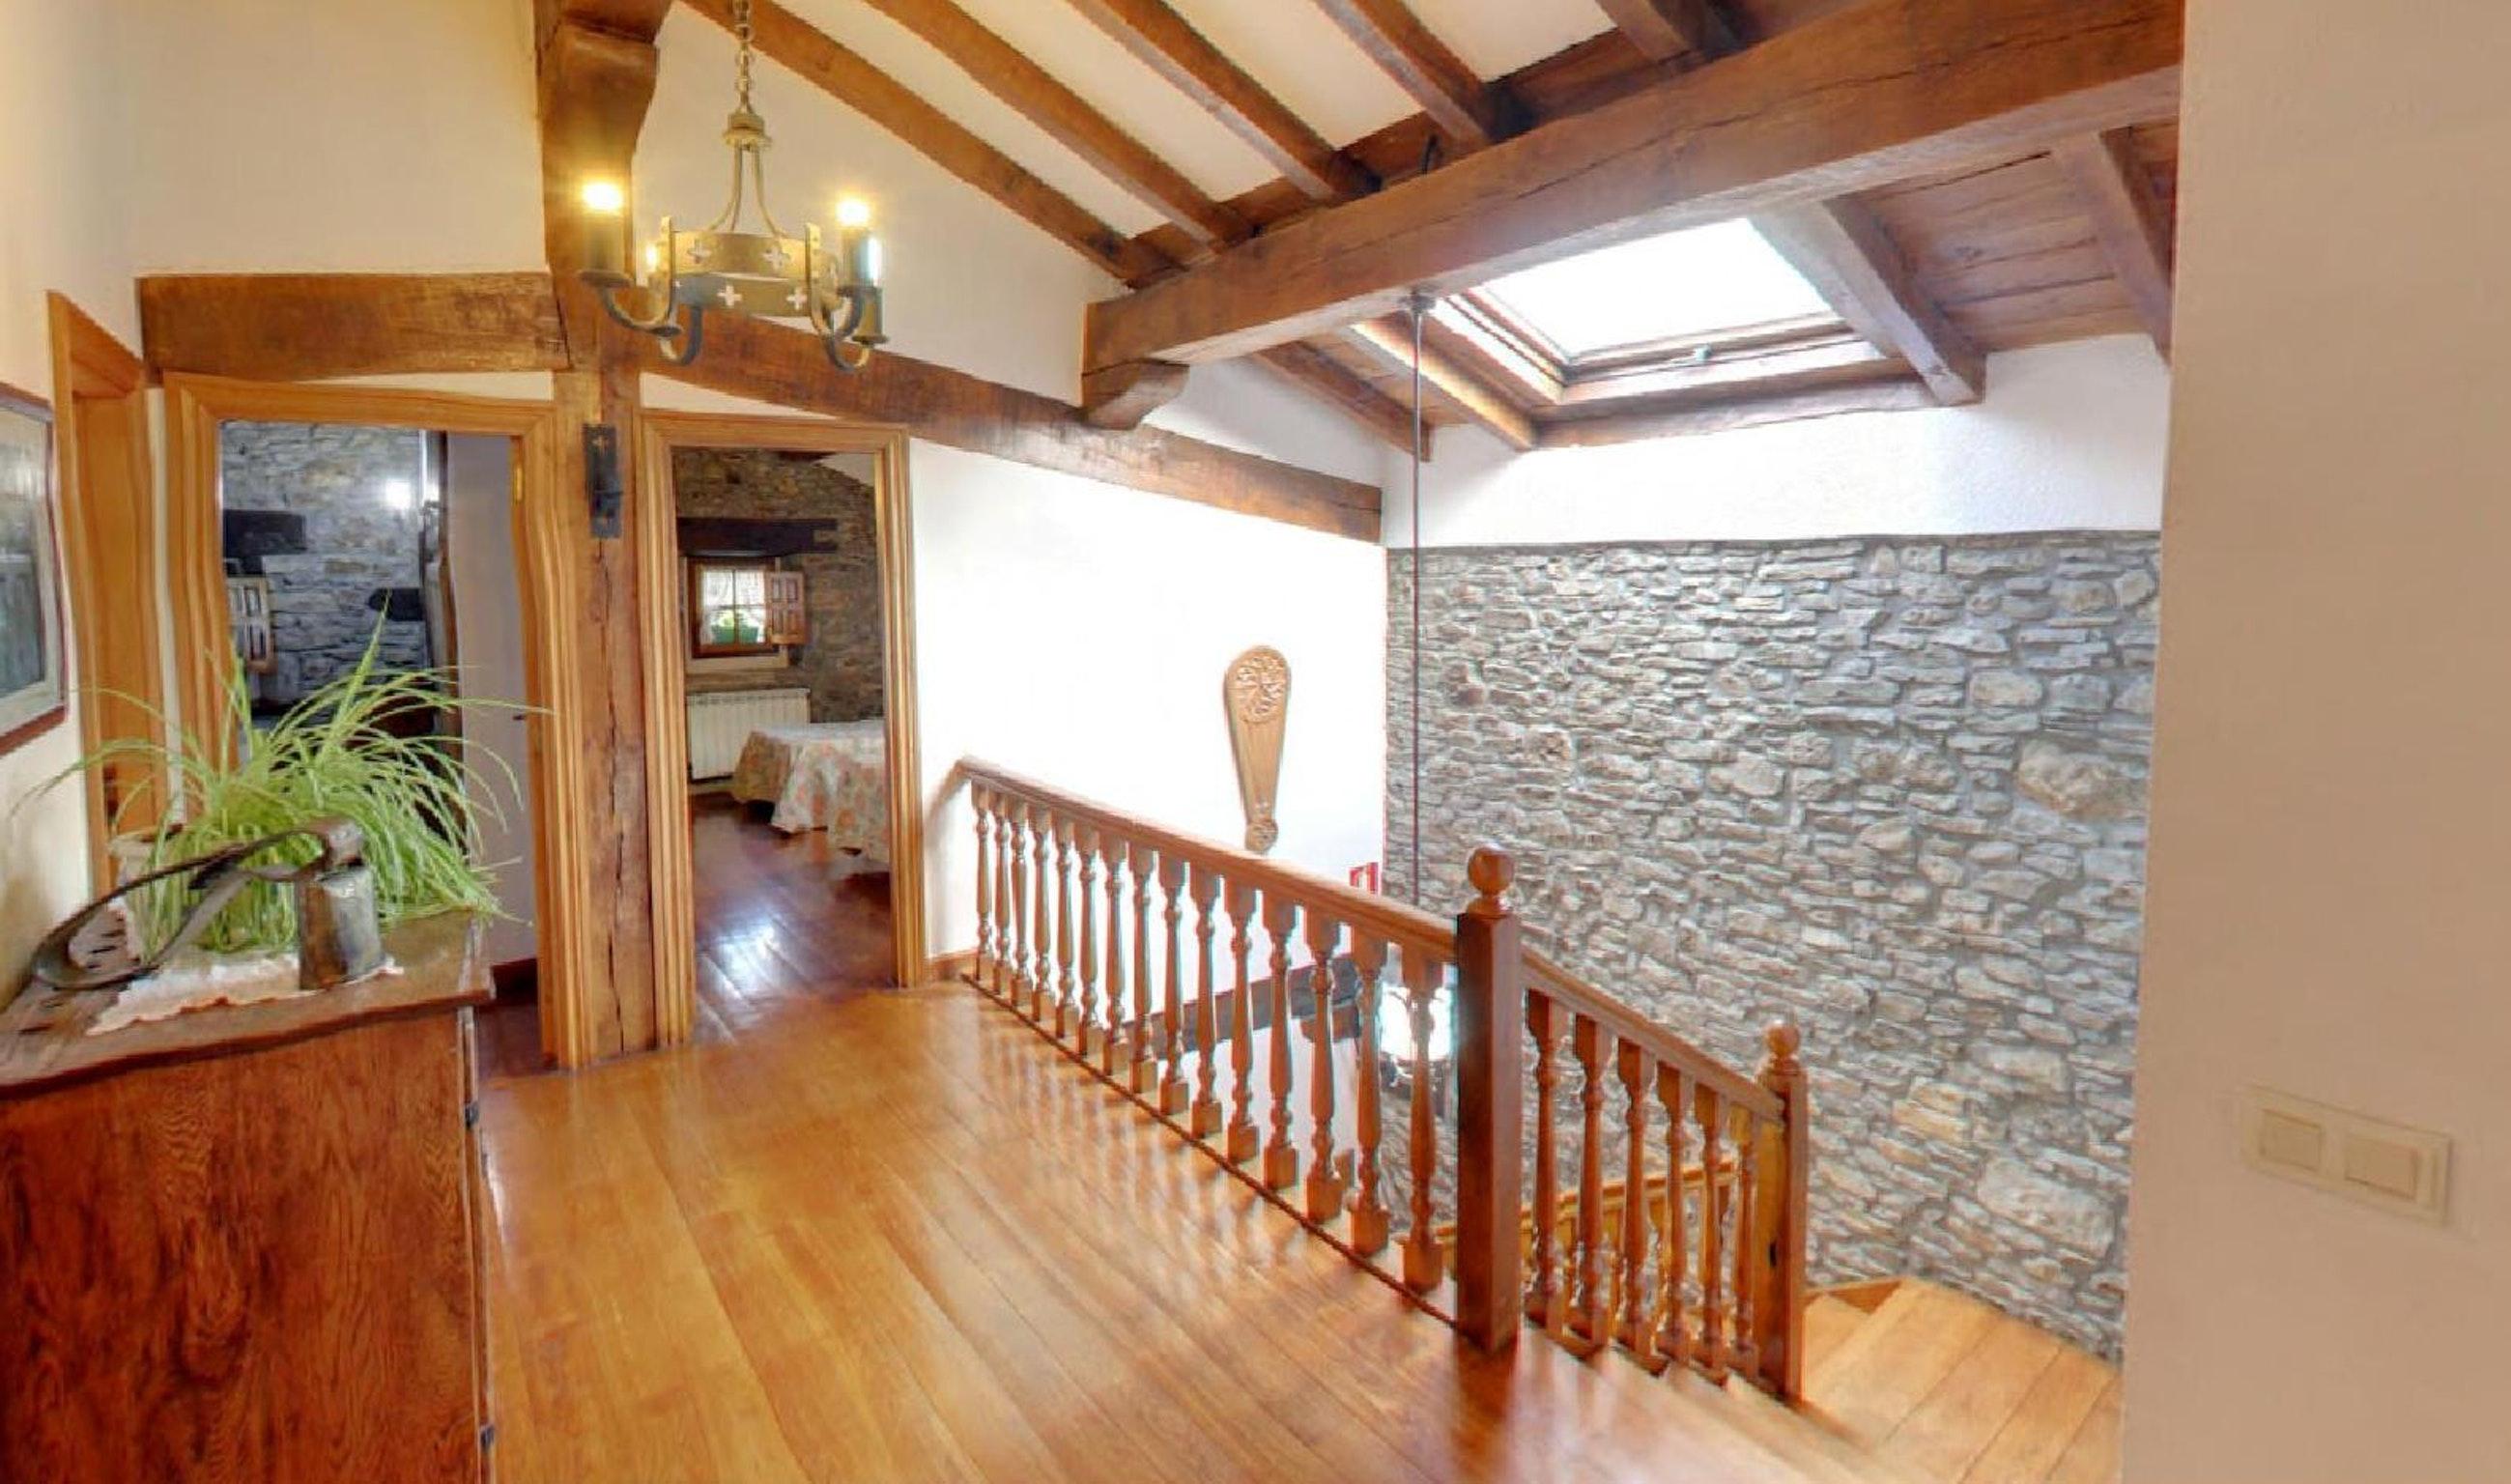 Ferienhaus Haus mit 6 Schlafzimmern in Lizaso mit eingezäuntem Garten und W-LAN - 500 m vom Strand en (2599807), Lizaso, , Navarra, Spanien, Bild 25